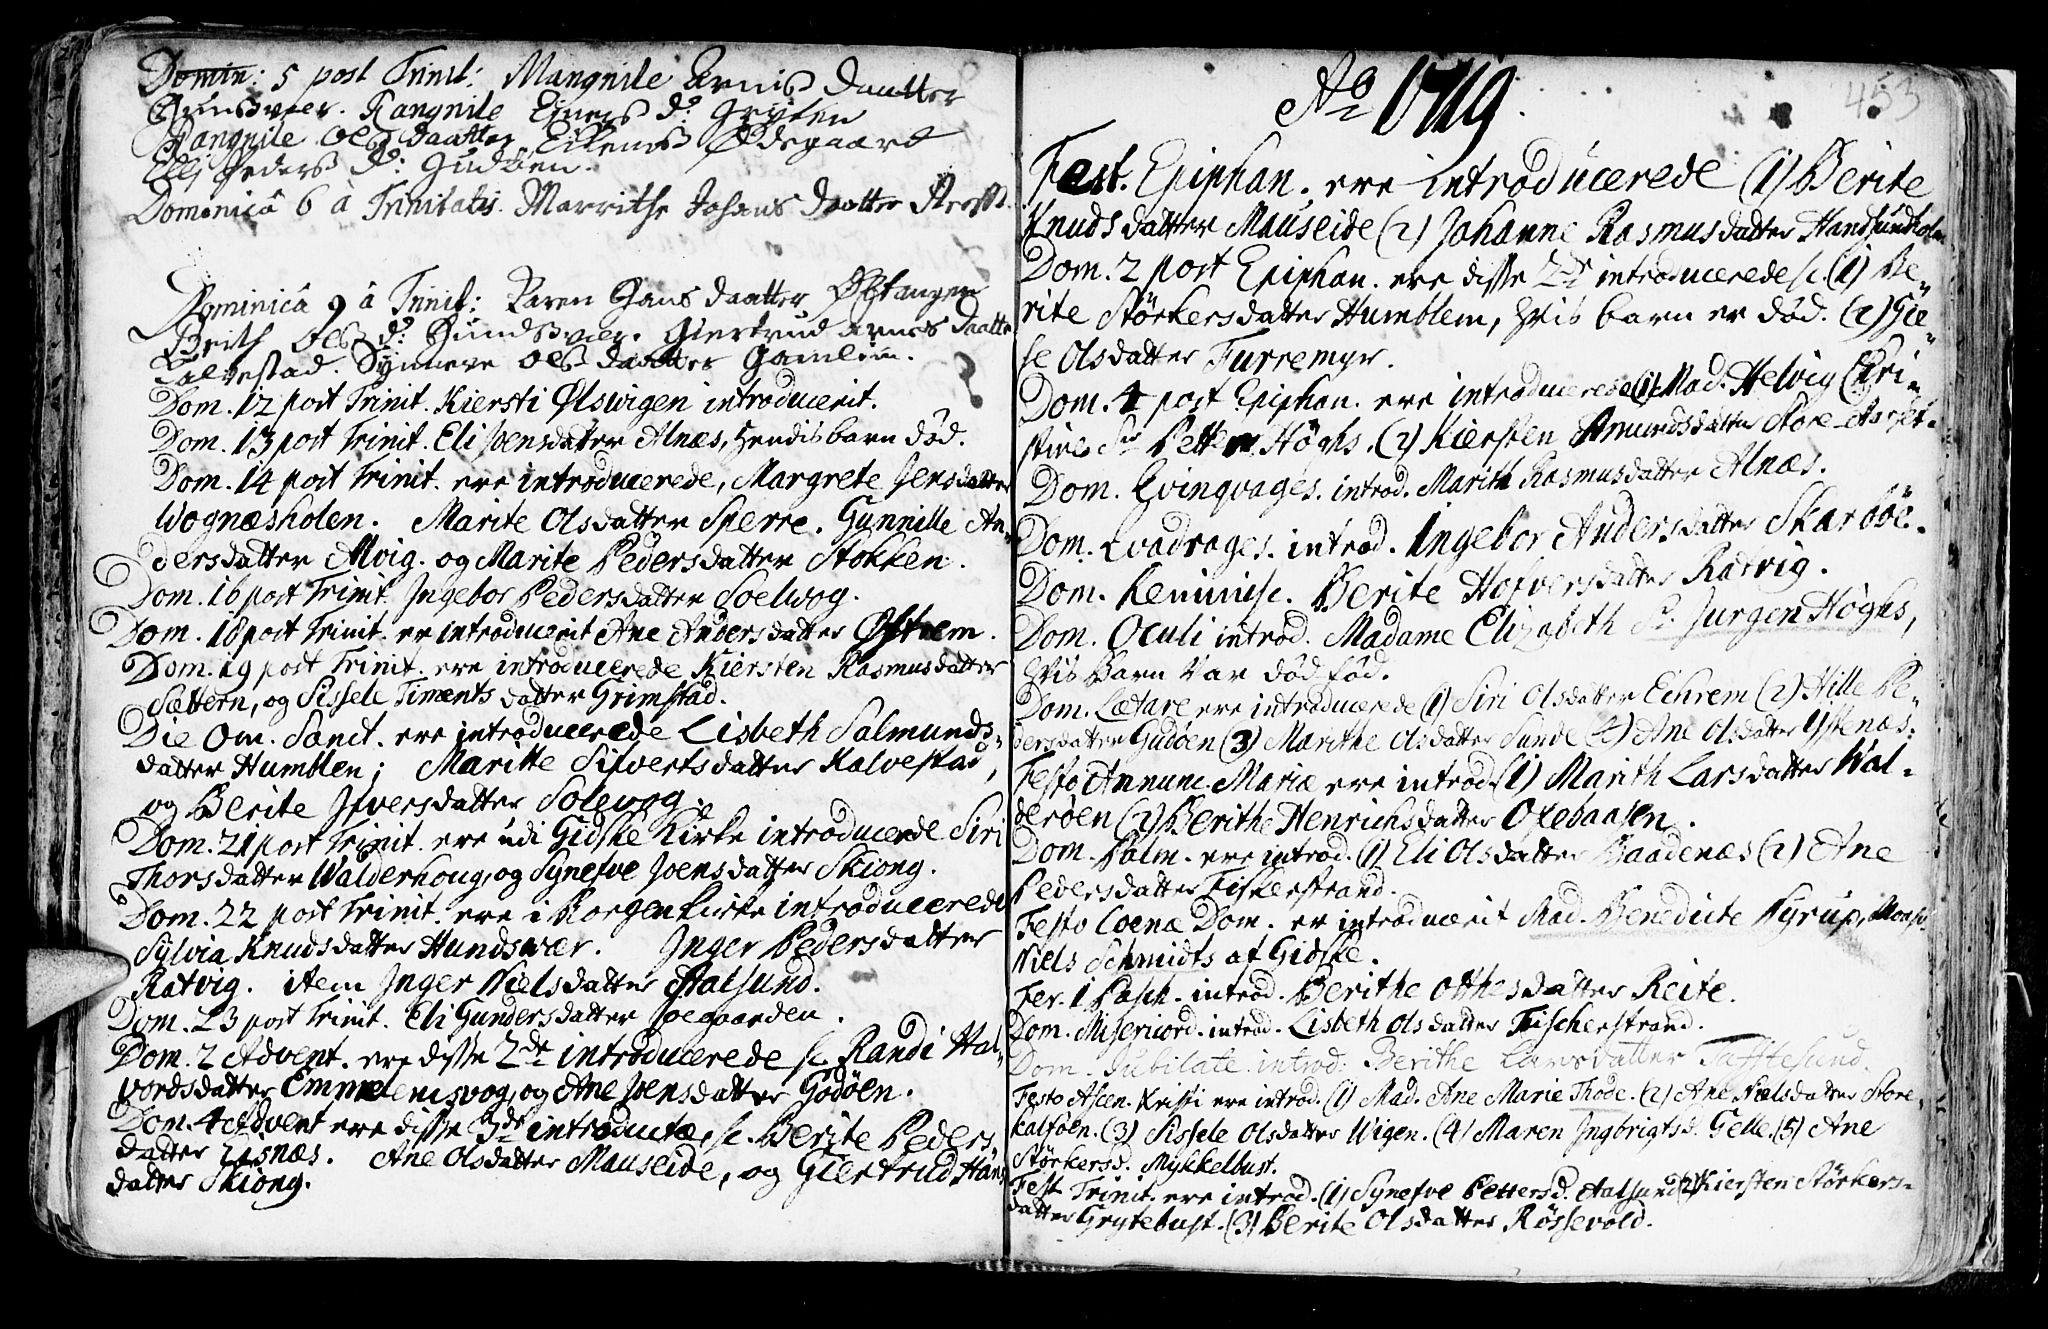 SAT, Ministerialprotokoller, klokkerbøker og fødselsregistre - Møre og Romsdal, 528/L0390: Ministerialbok nr. 528A01, 1698-1739, s. 452-453